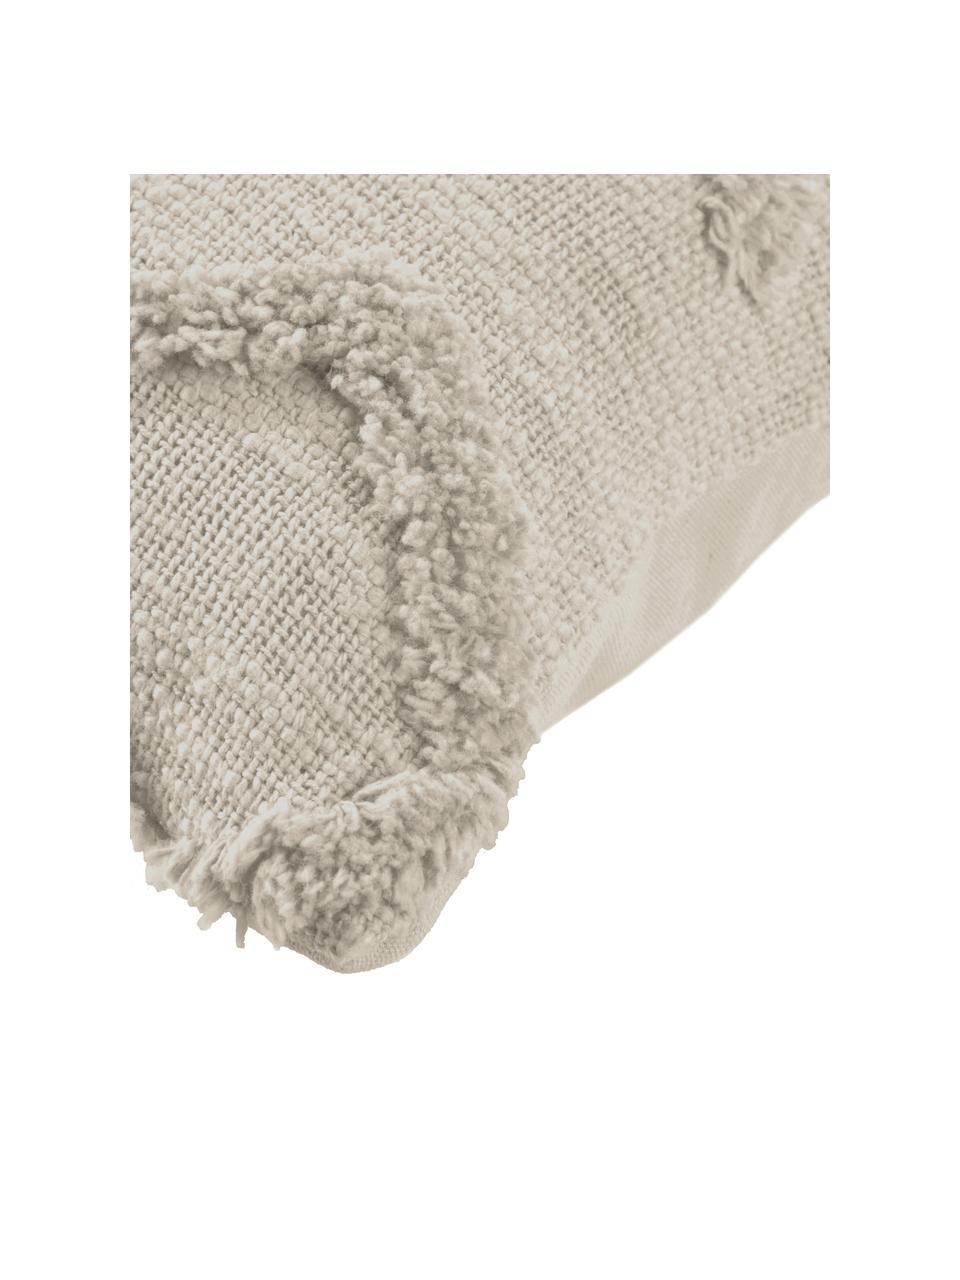 Poszewka na poduszkę Xayoxhira, 100% bawełna, Beżowy, S 45 x D 45 cm